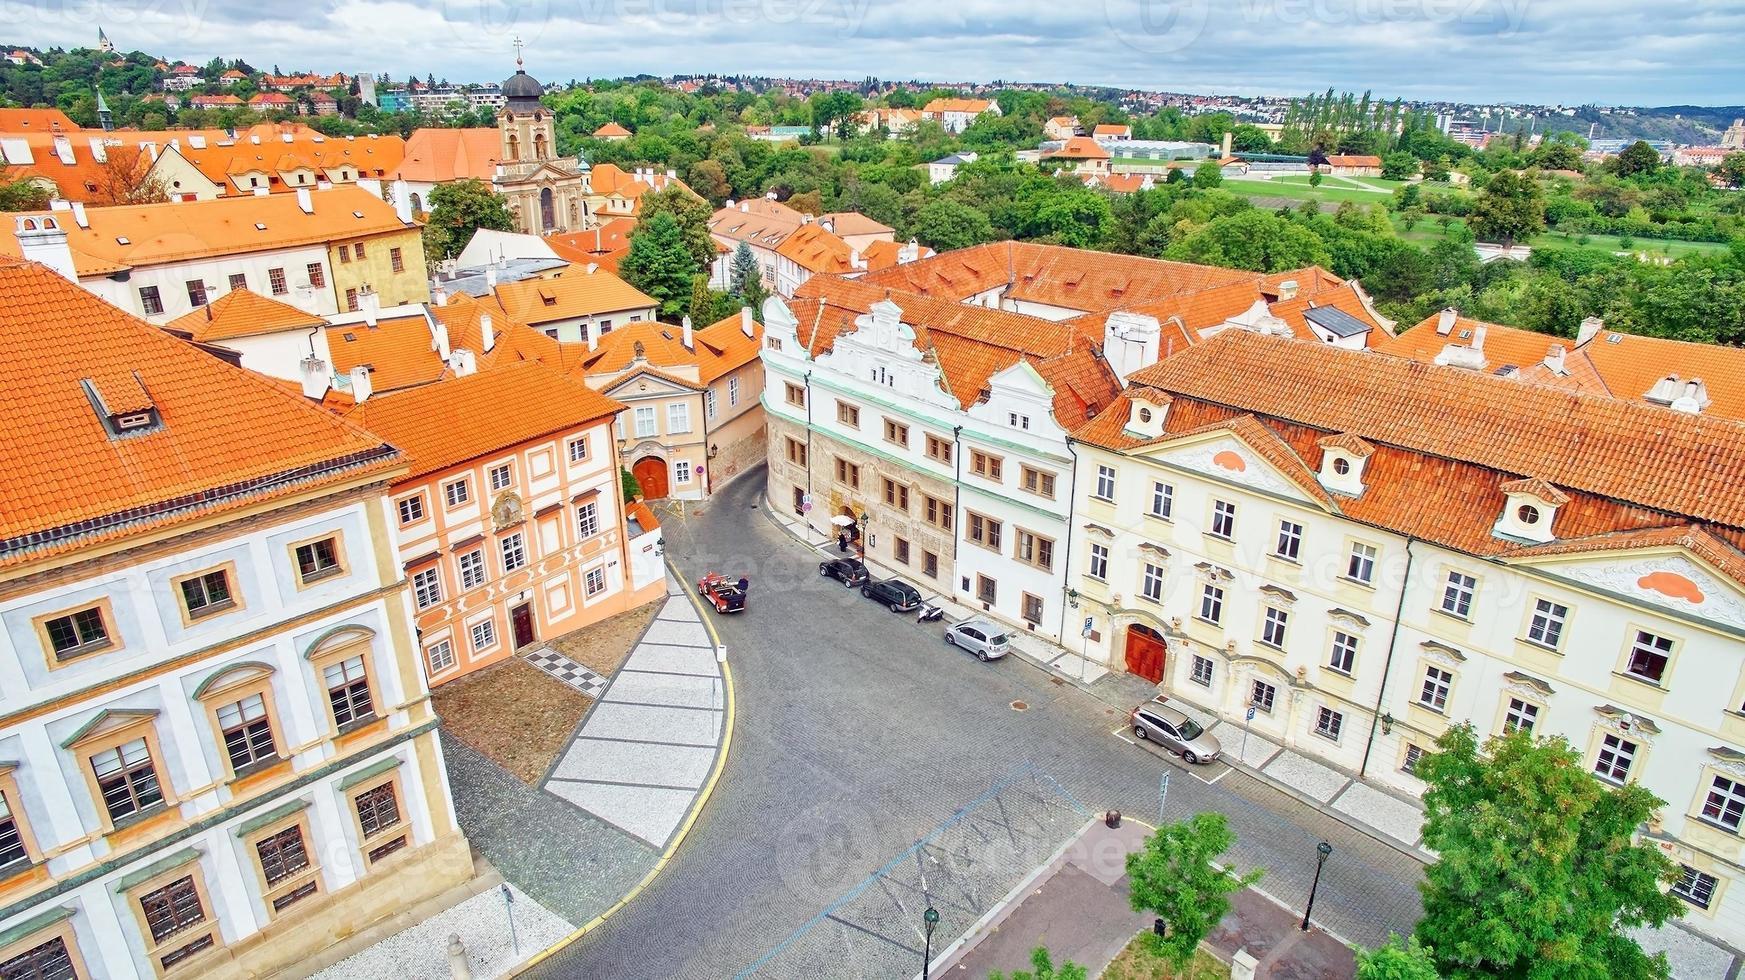 zona del castillo de praga. Republica checa. foto